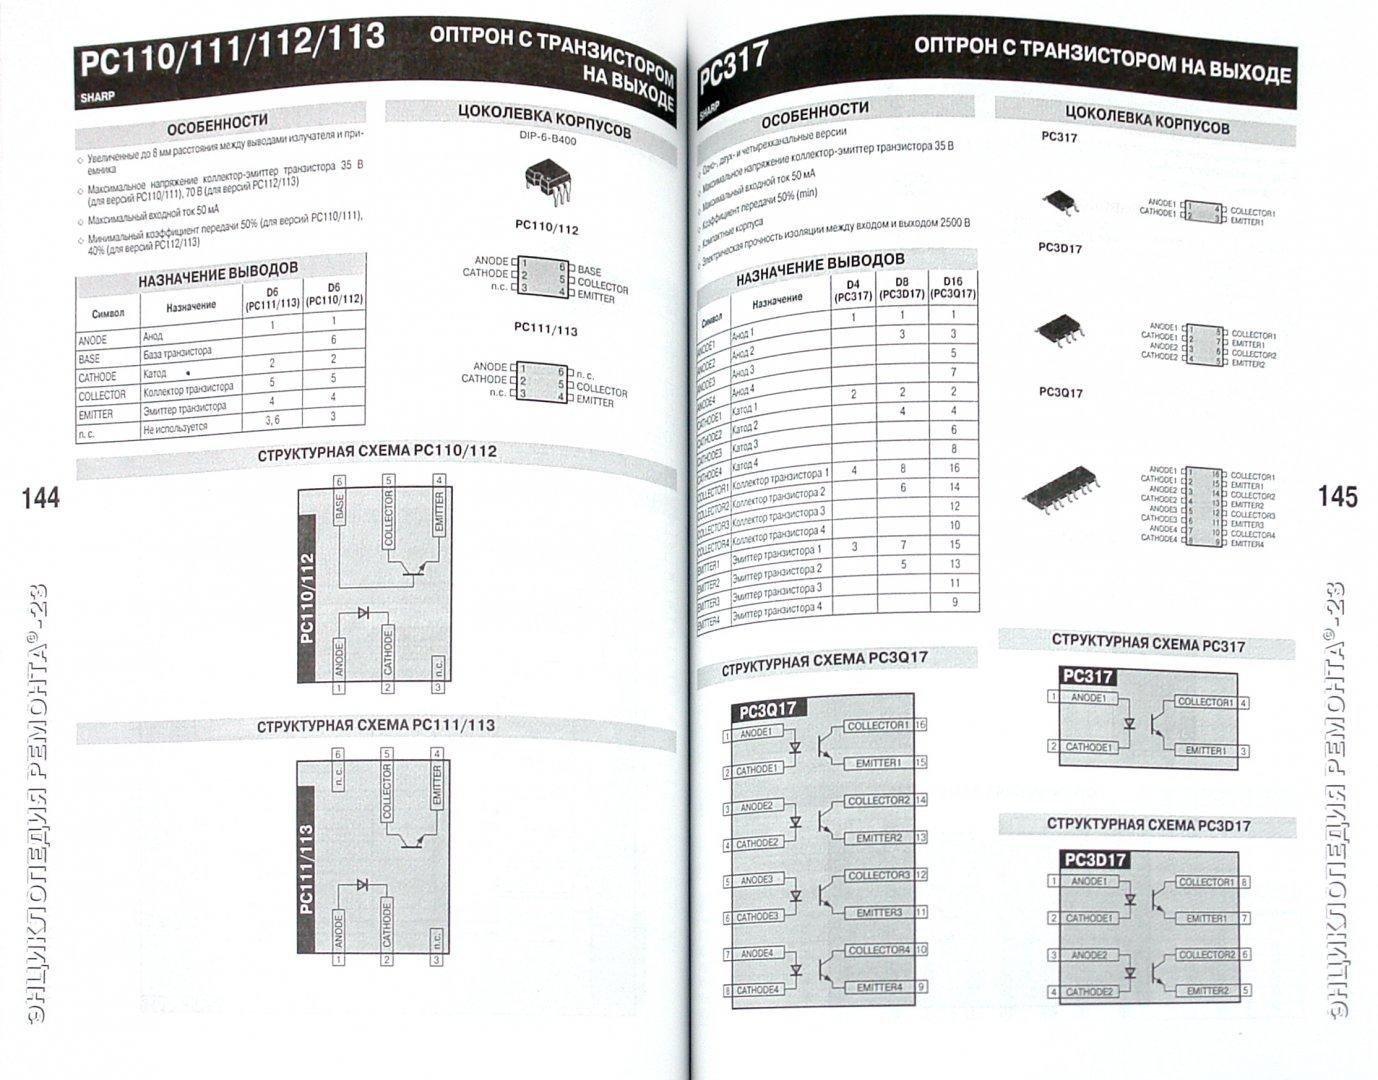 Иллюстрация 1 из 2 для 350 микросхем для бытовой радиоаппаратуры. Справочник | Лабиринт - книги. Источник: Лабиринт